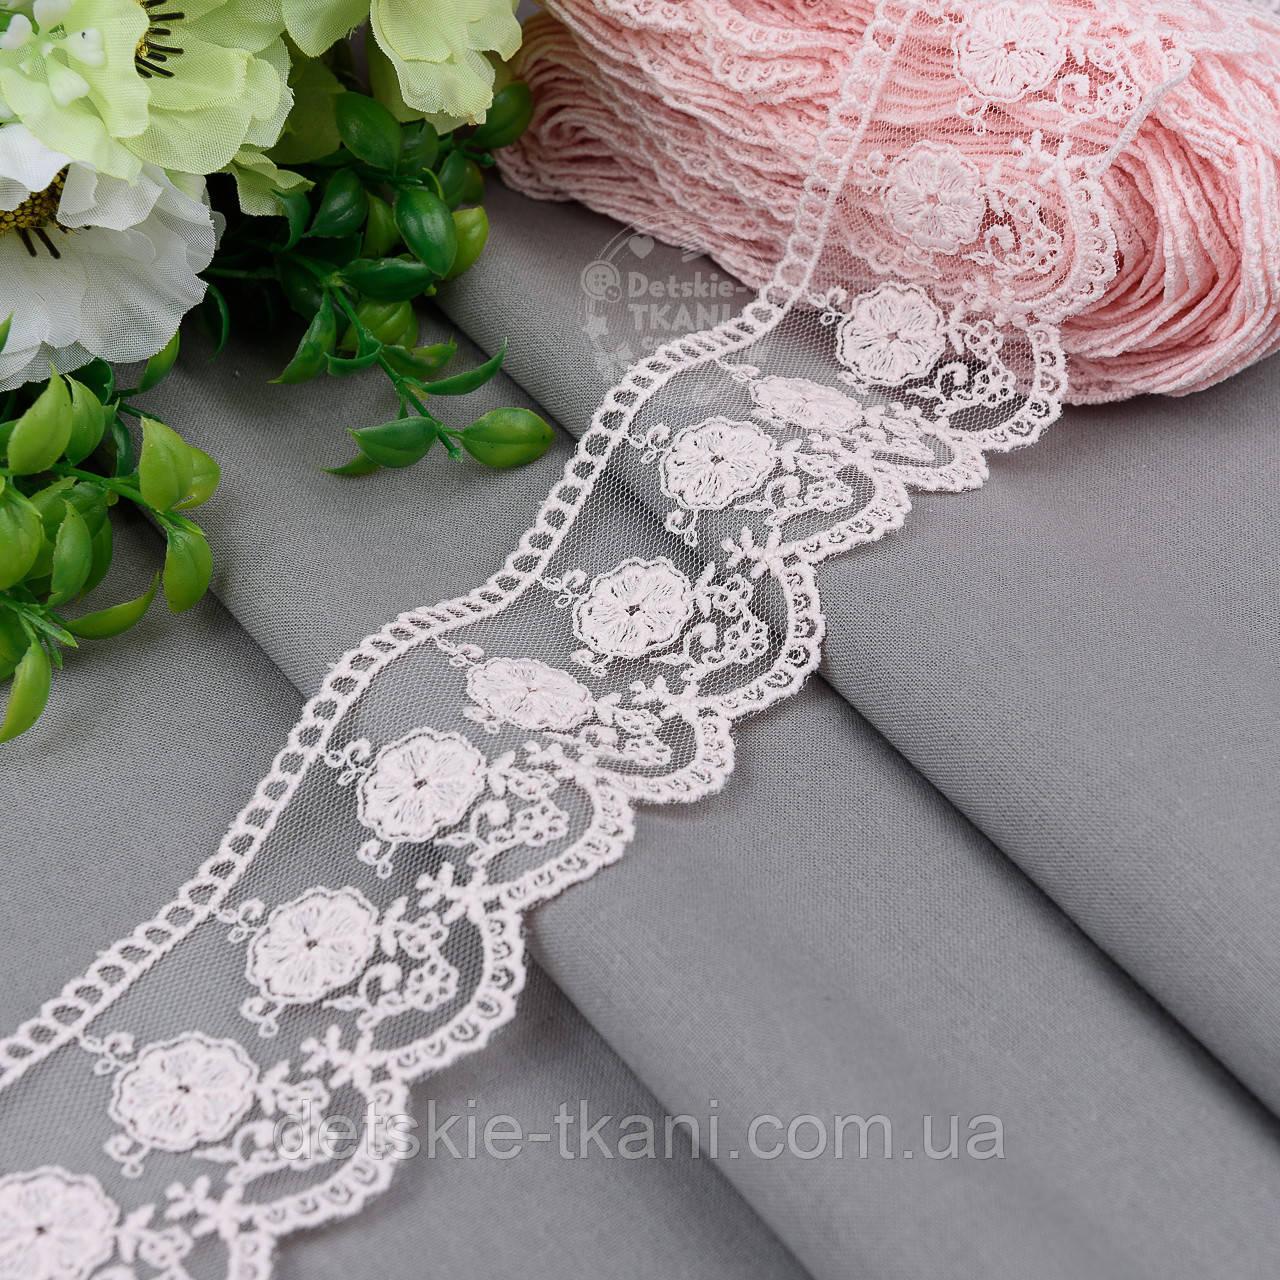 Кружево на сеточке розового цвета с вышивкой матовой нитью, ширина 5 см (реплика бренда), № 5234роз